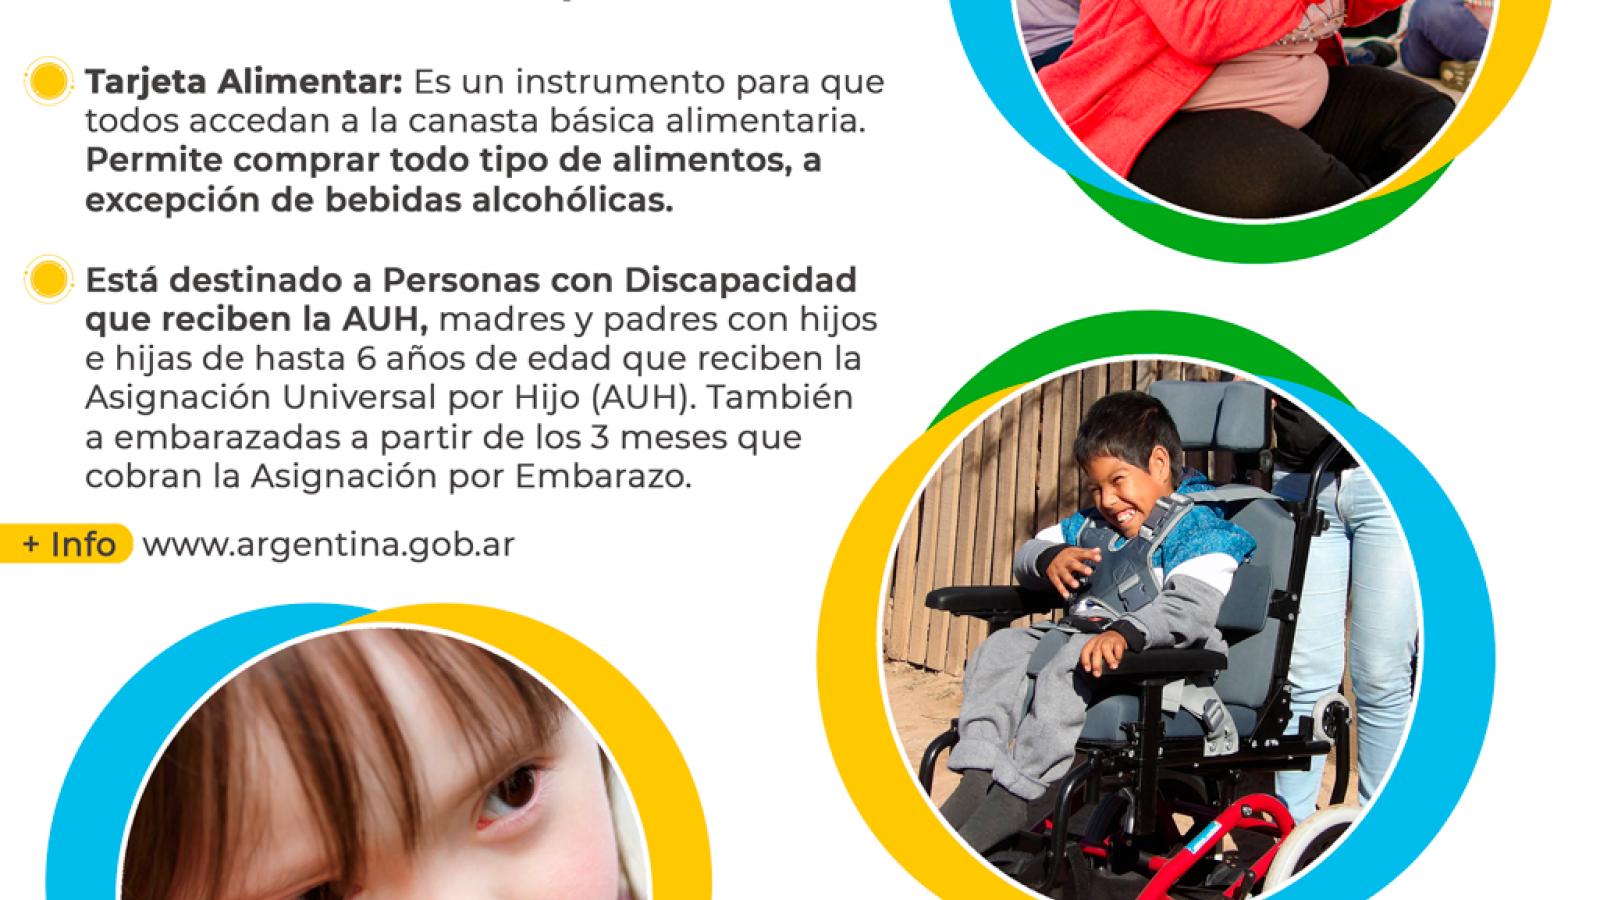 Plan Nacional contra el Hambre brinda beneficios a personas con discapacidad